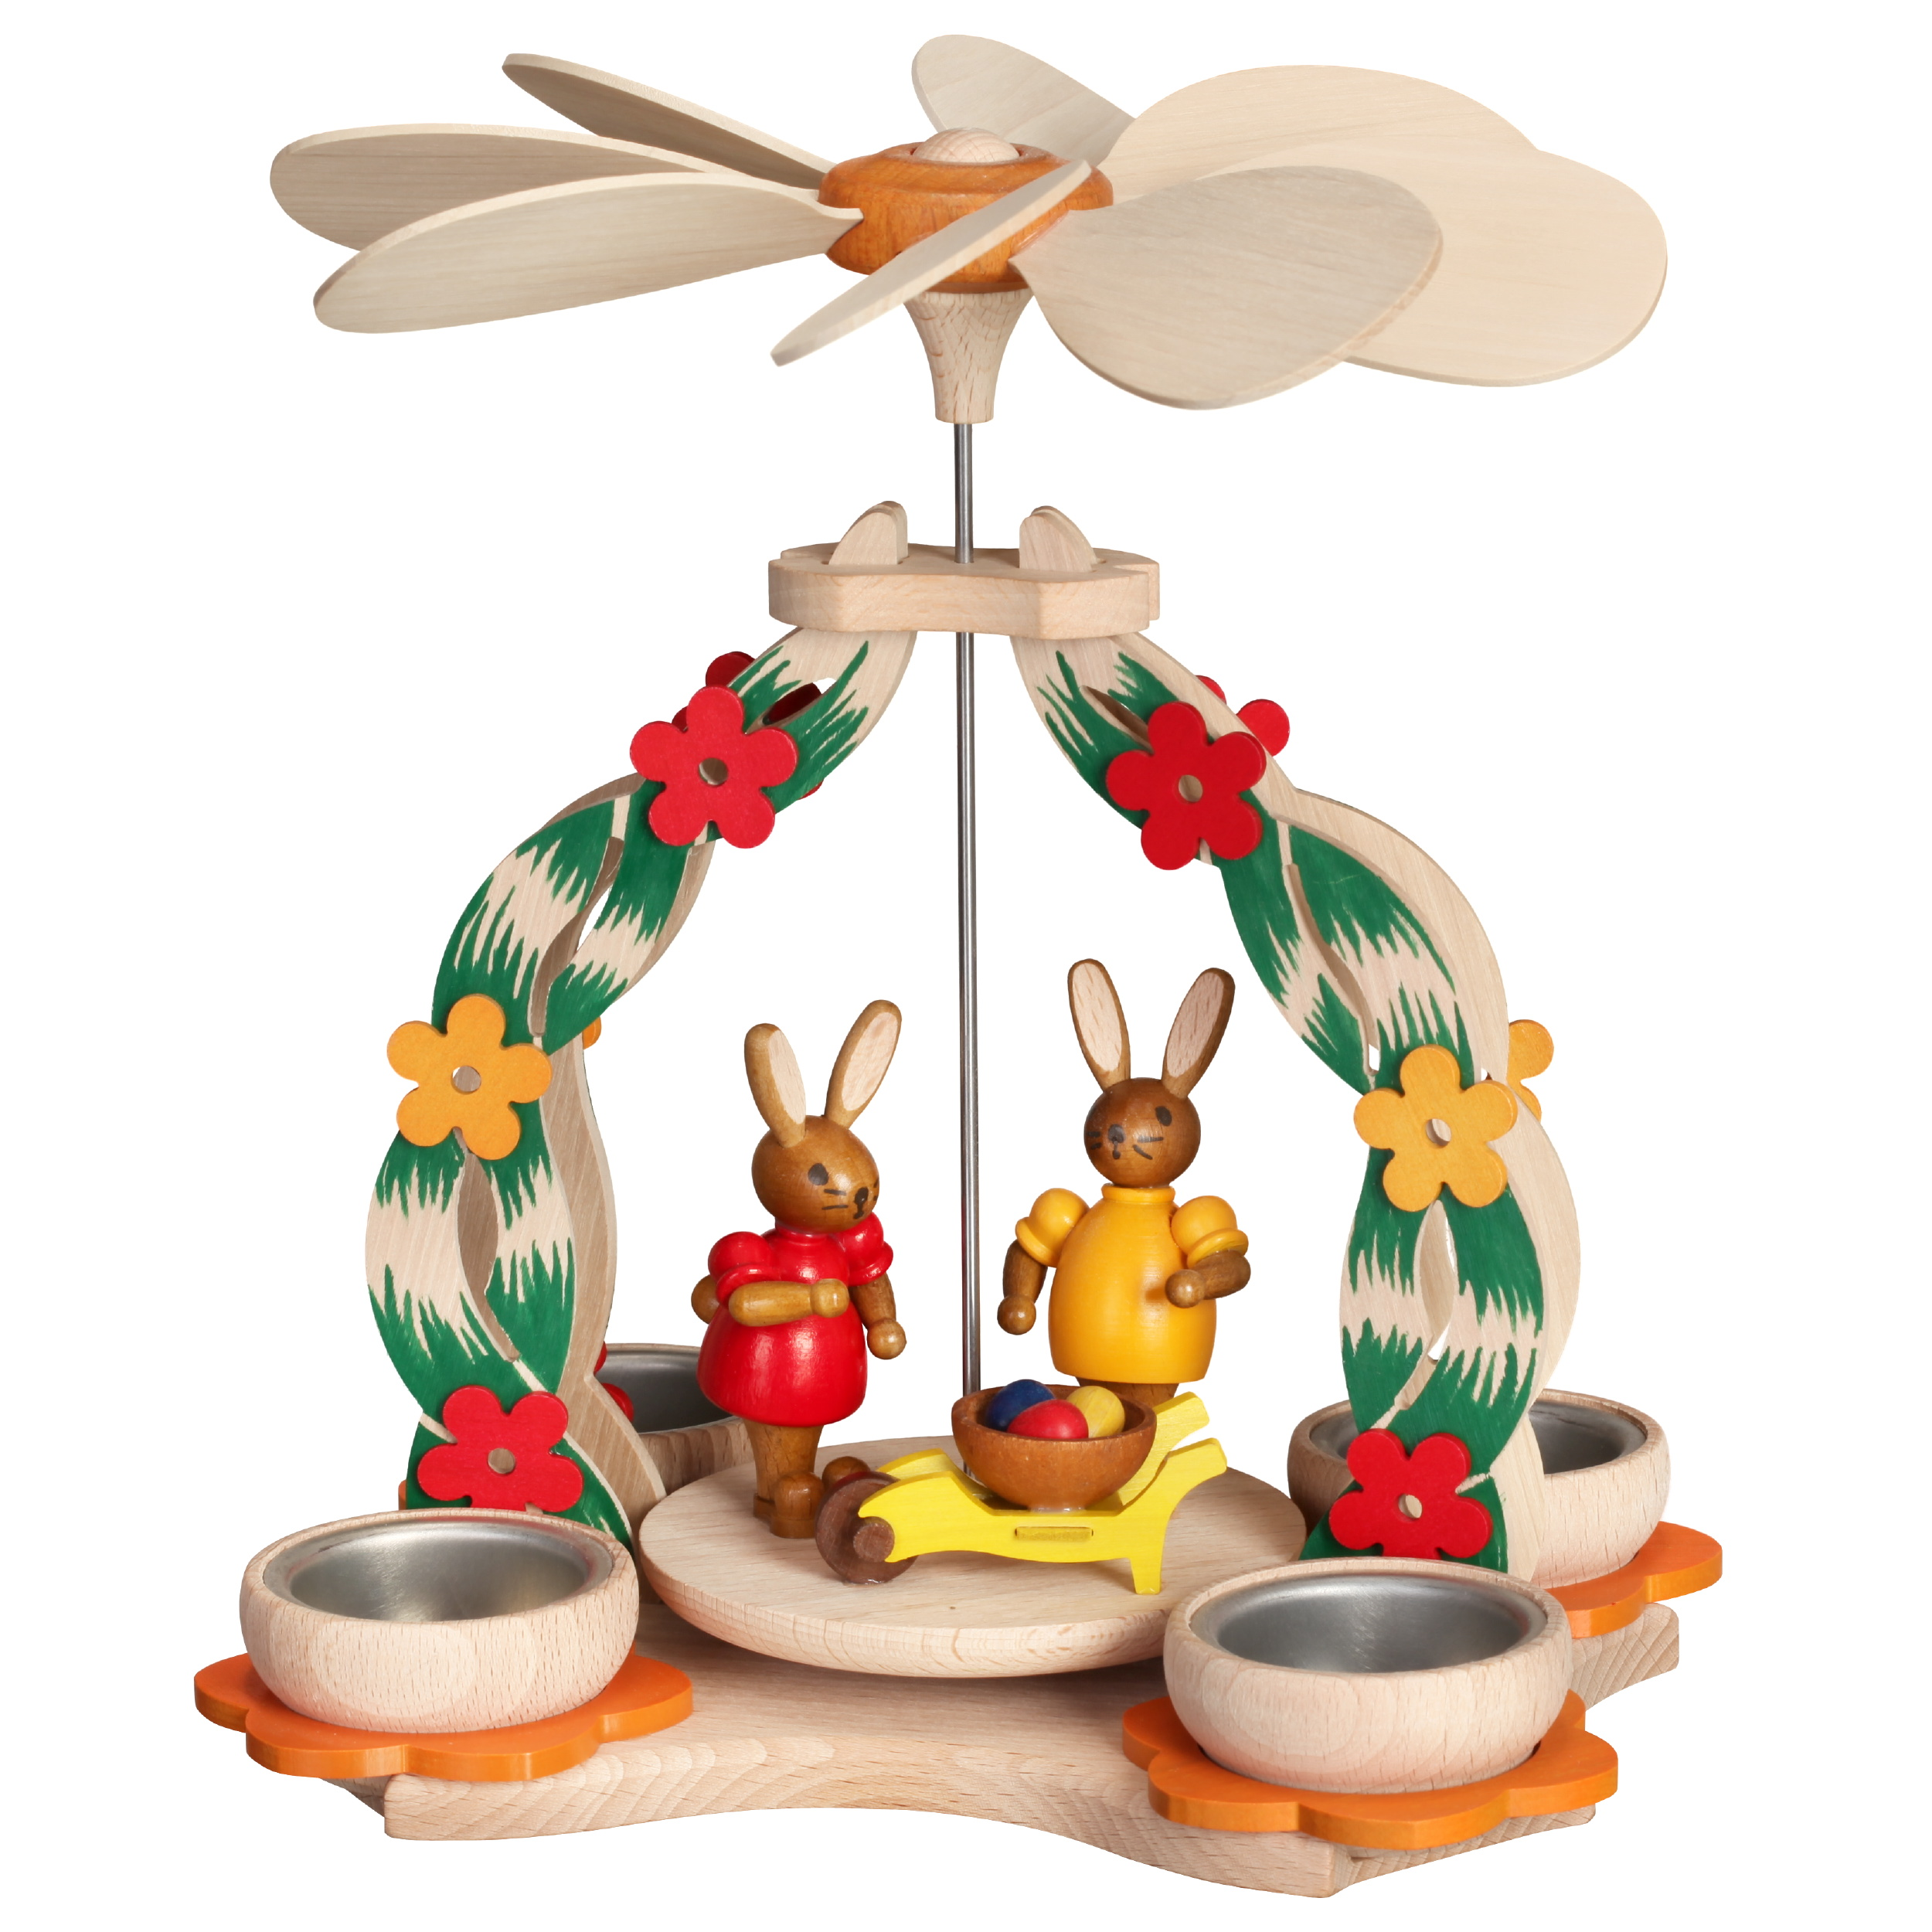 Tischpyramide mit Hasenpaar und Schubkarre